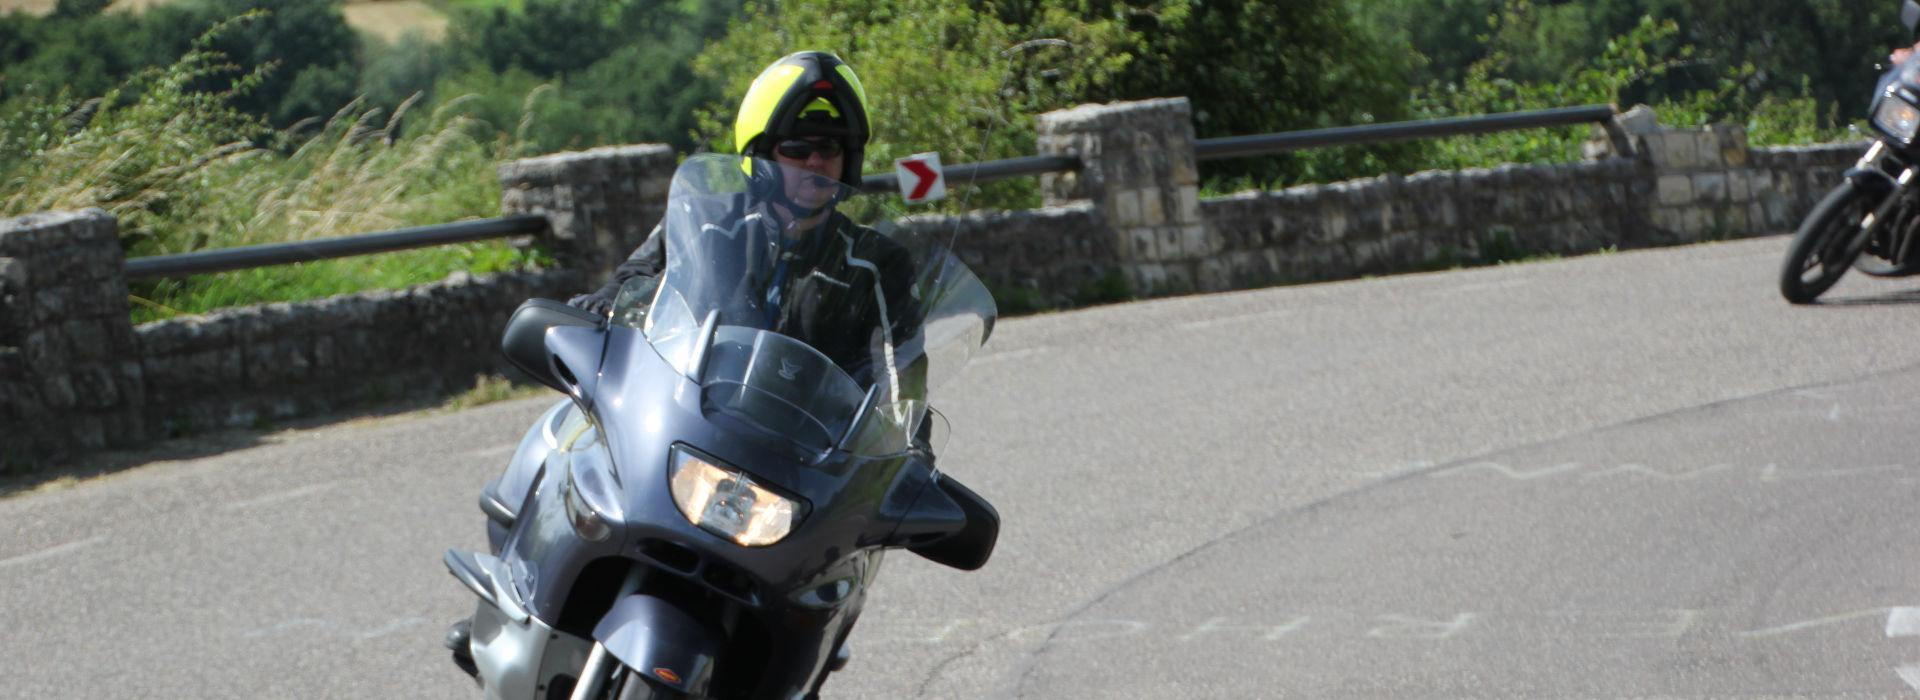 Motorrijbewijspoint Puttershoek snel motorrijbewijs halen